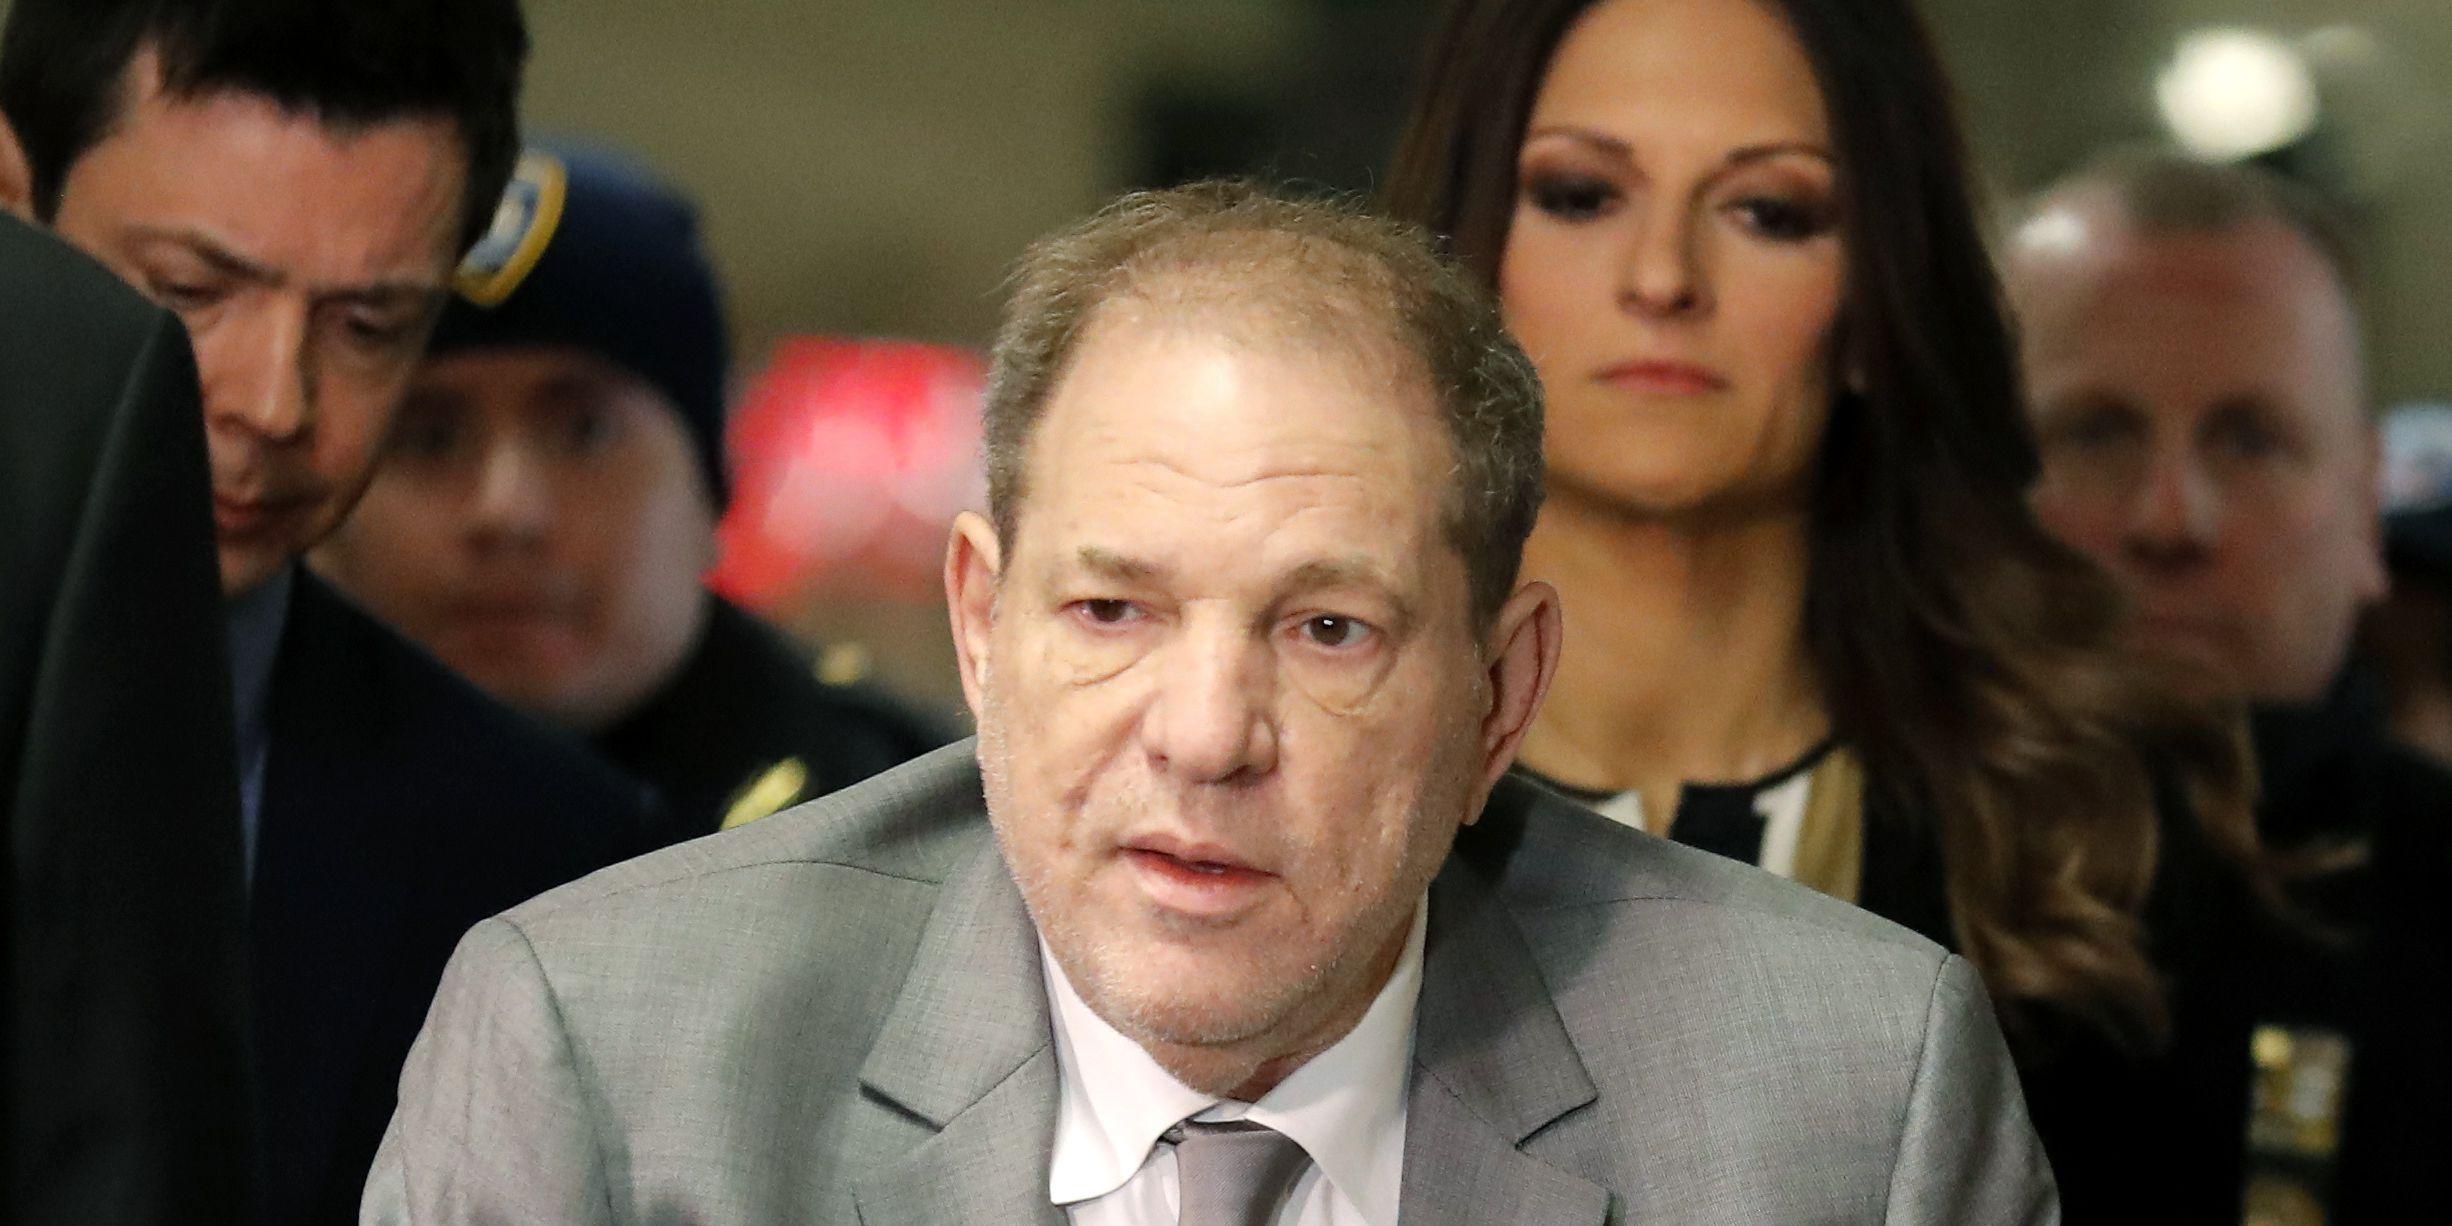 Weinstein lawyers: 'Circus' atmosphere, juror tweets unfair